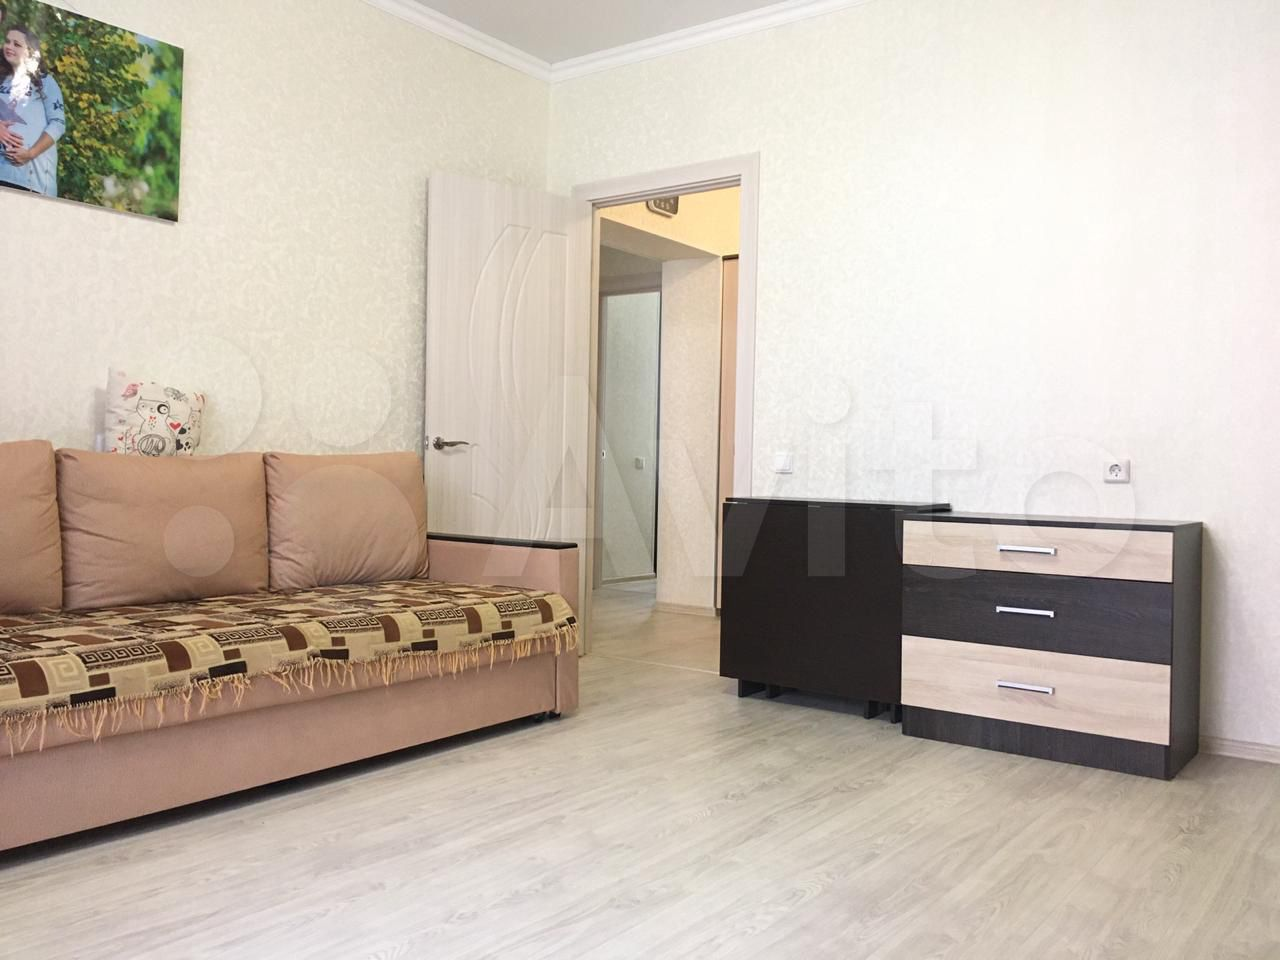 2-к квартира, 51.3 м², 1/5 эт.  89869308137 купить 6